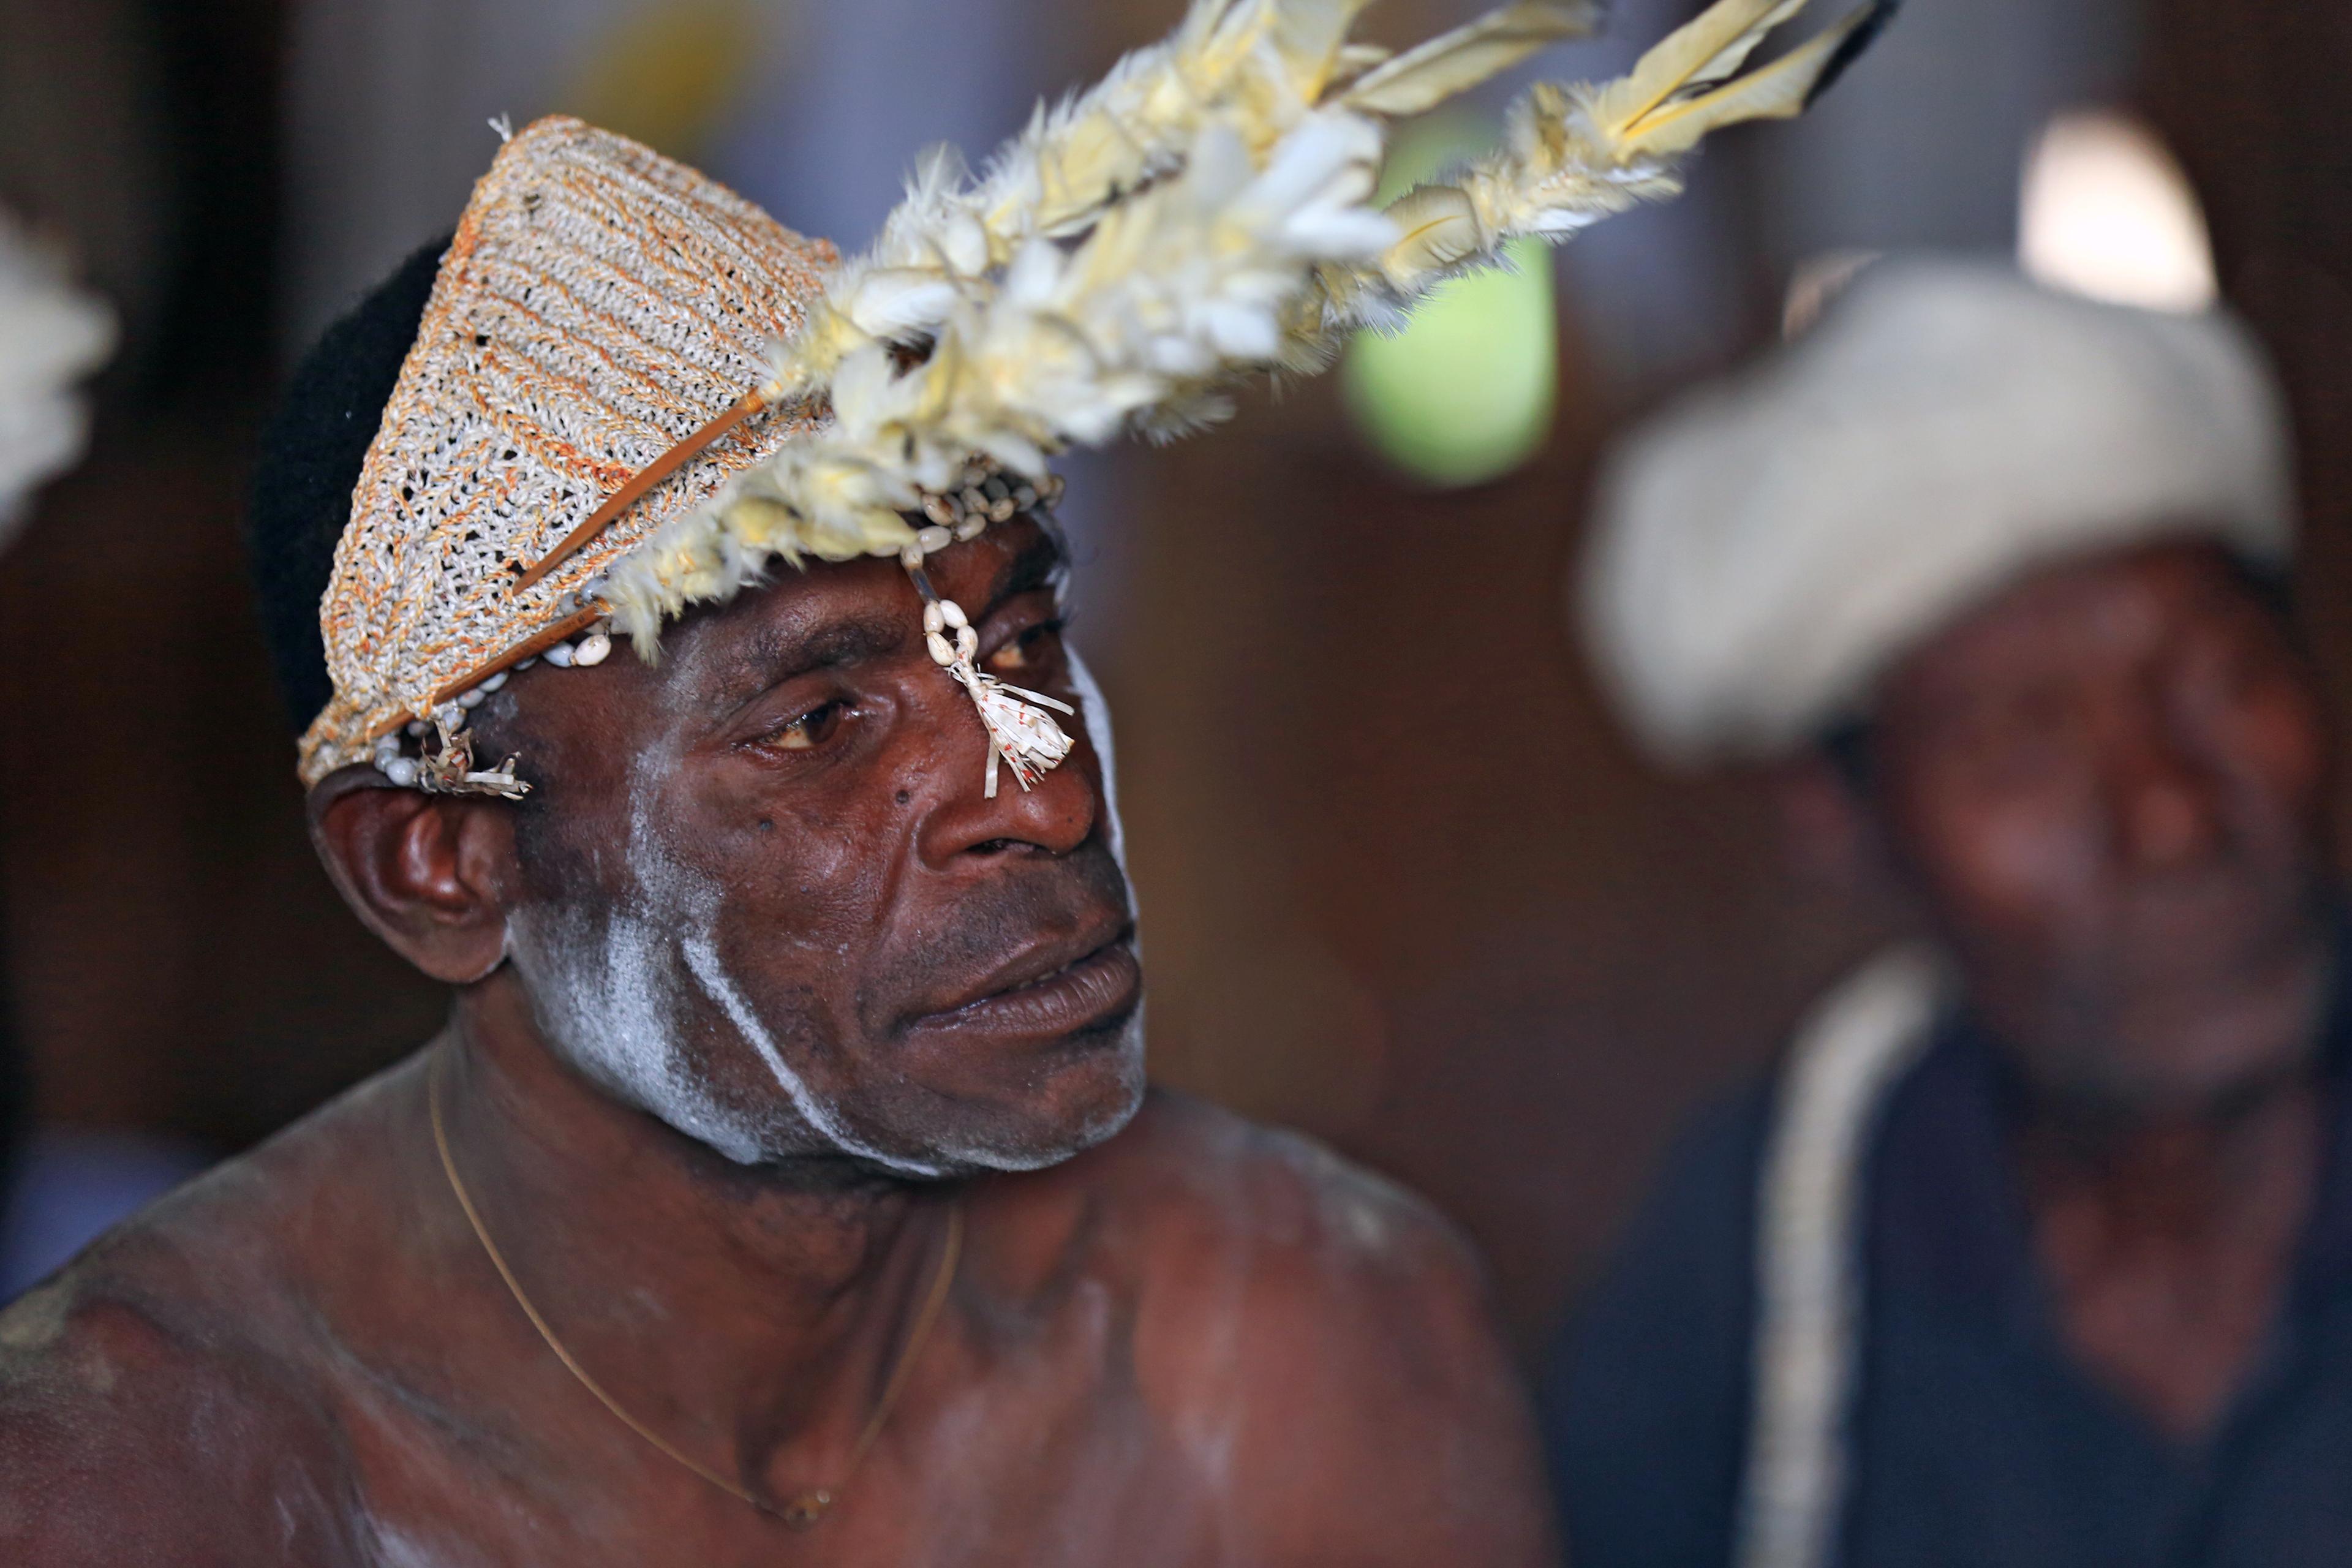 Perpaduan manusia dengan alam, pakaian adat suku asmat ...